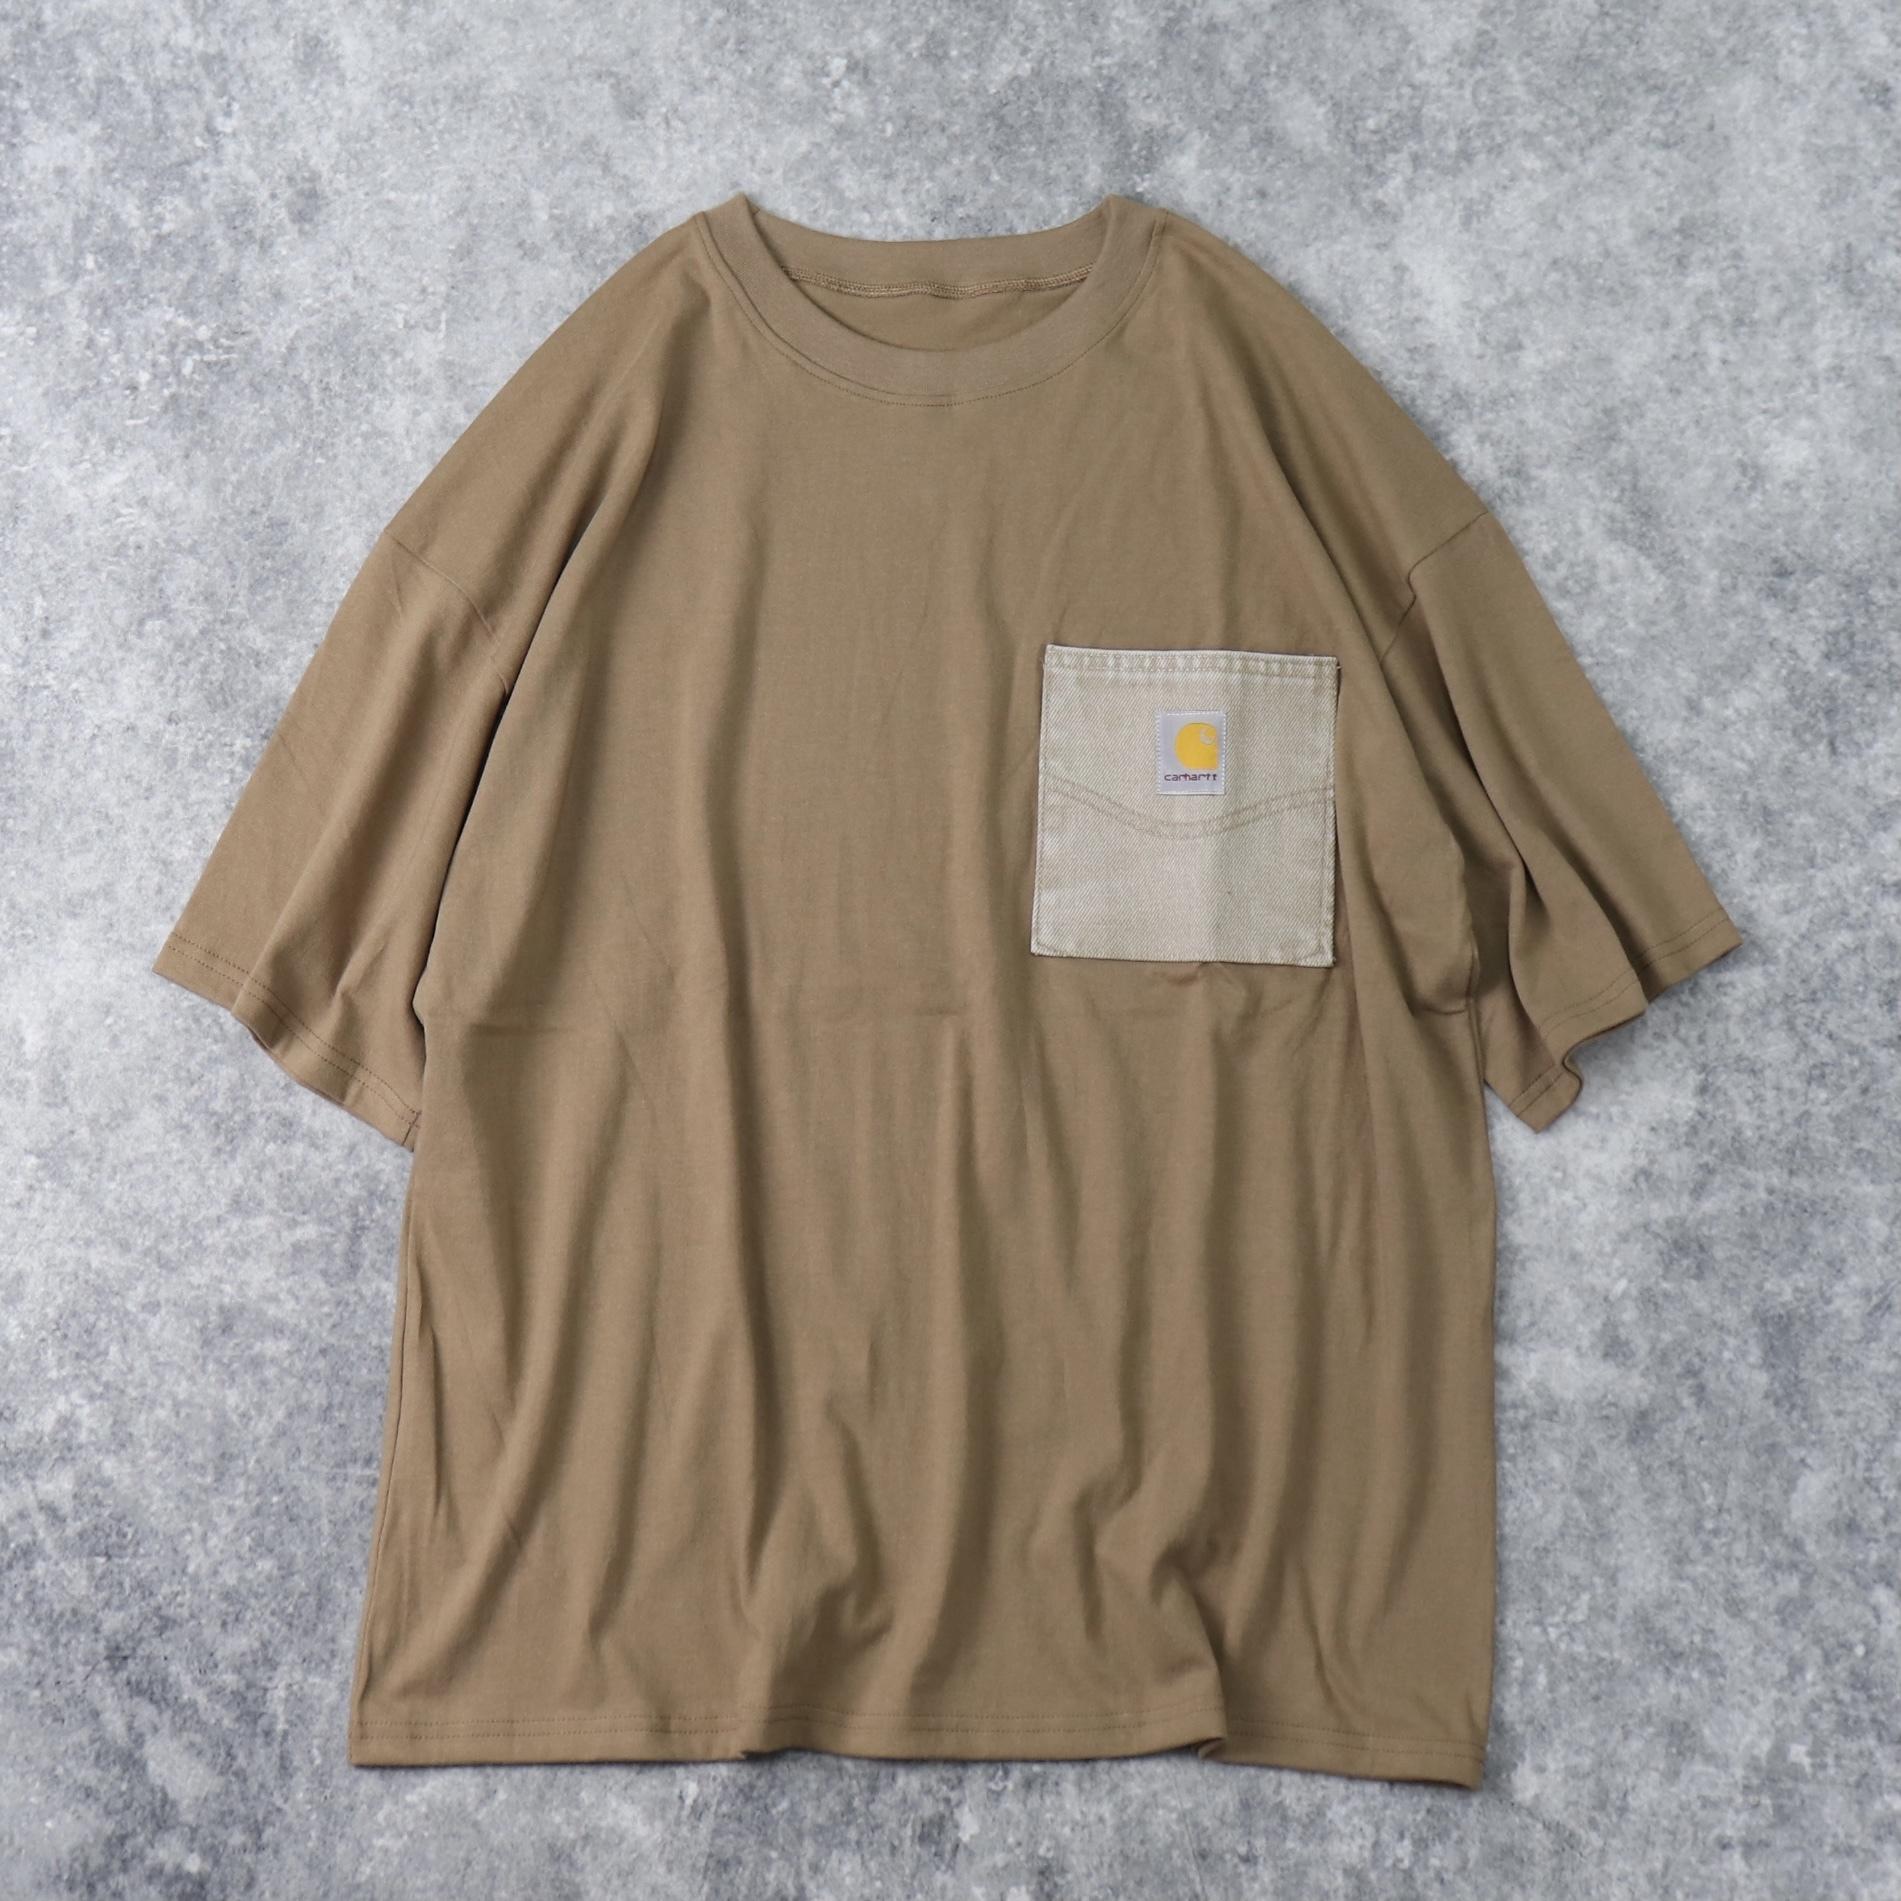 再構築 CARHARTT Tシャツ A481